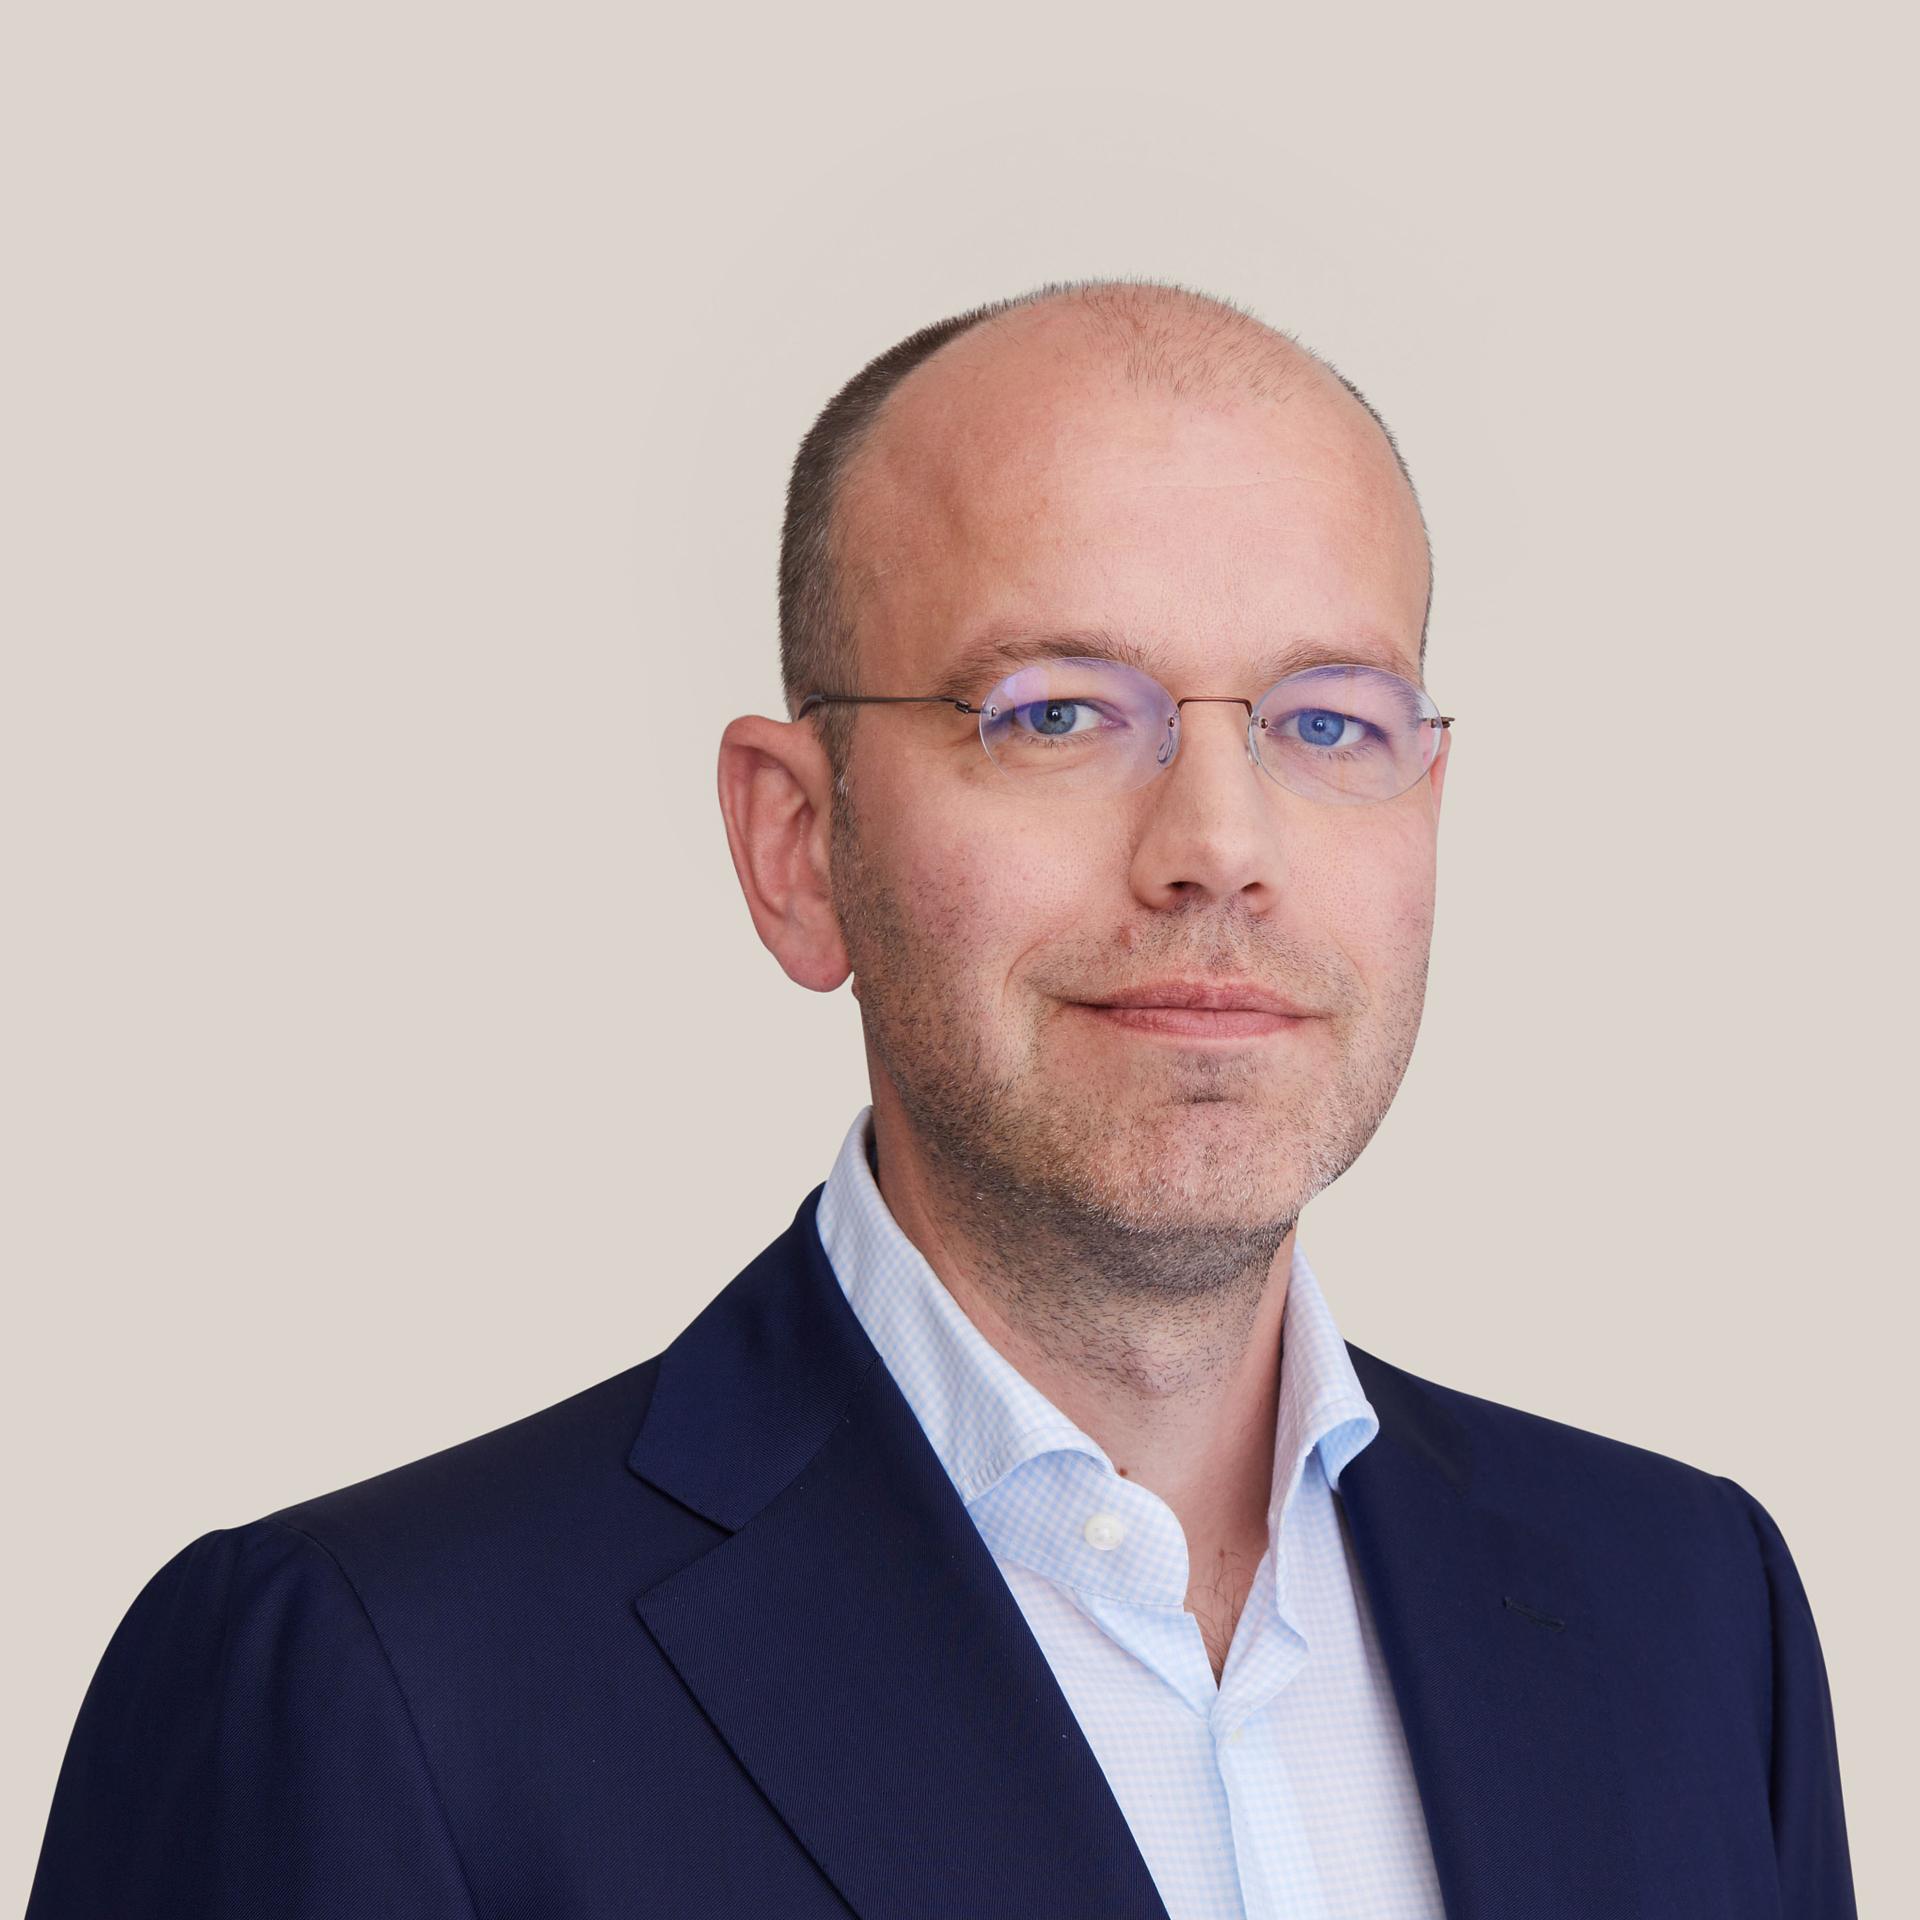 Jan willem Meijer